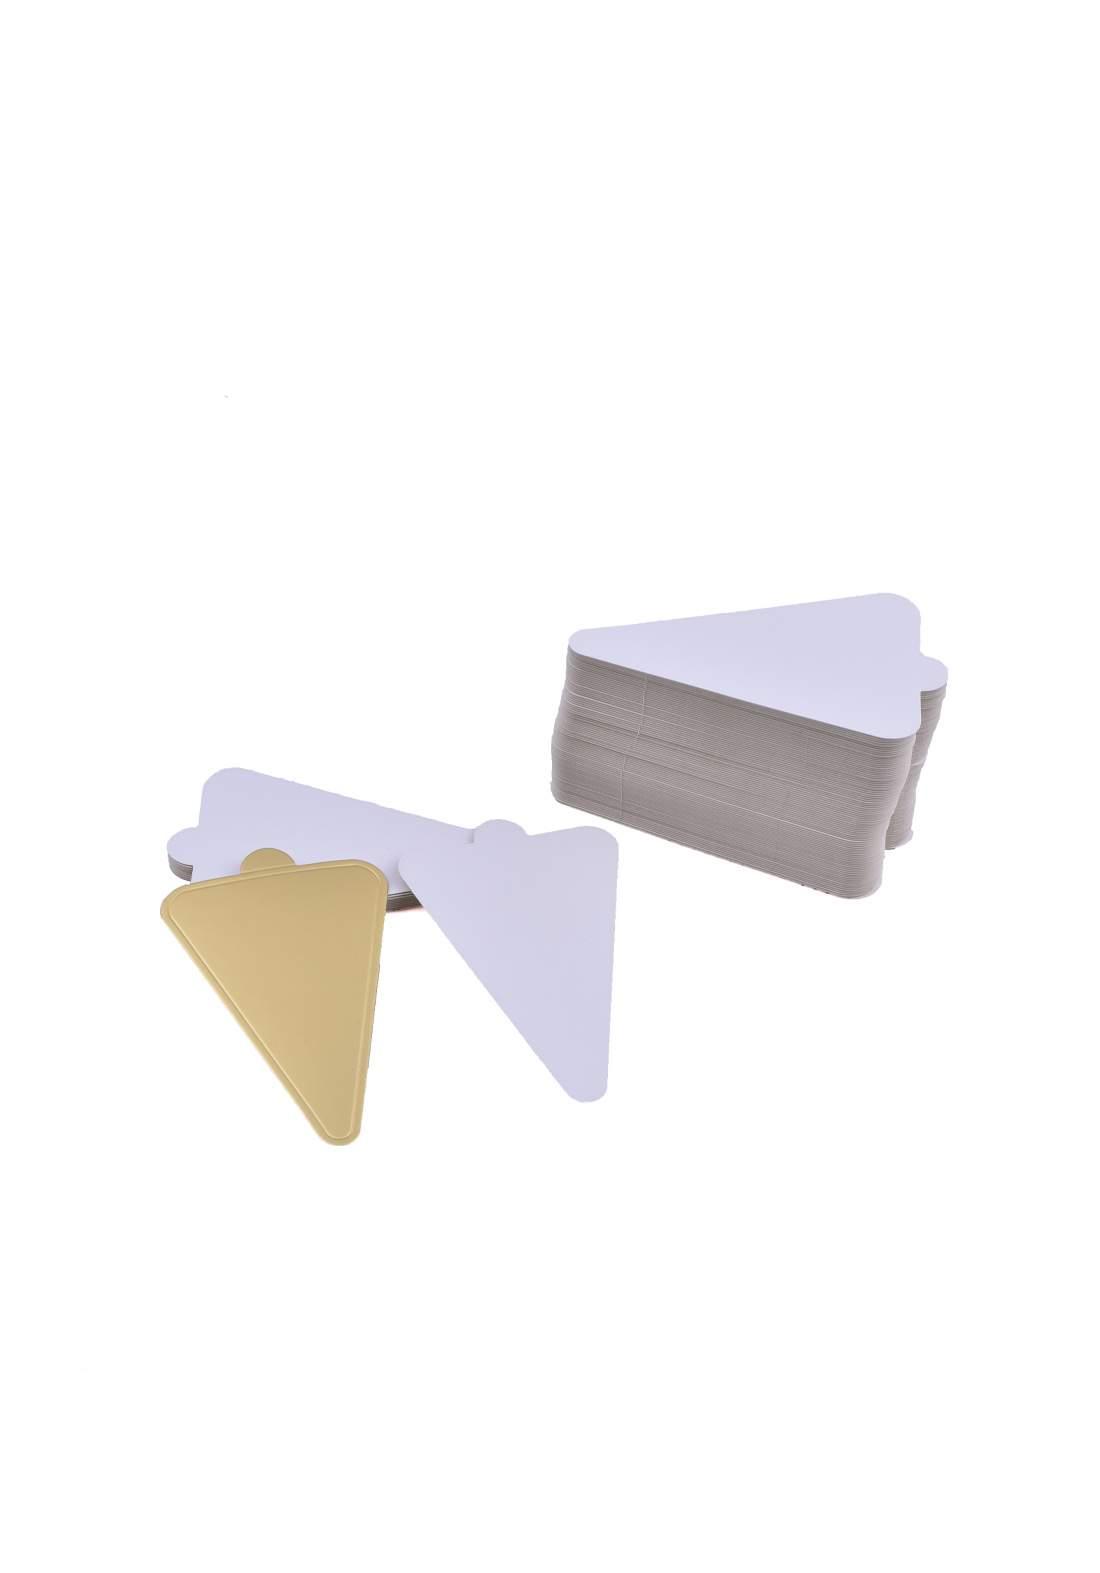 قاعده  قطع كيك صغيرة مثلثة الشكل 5926